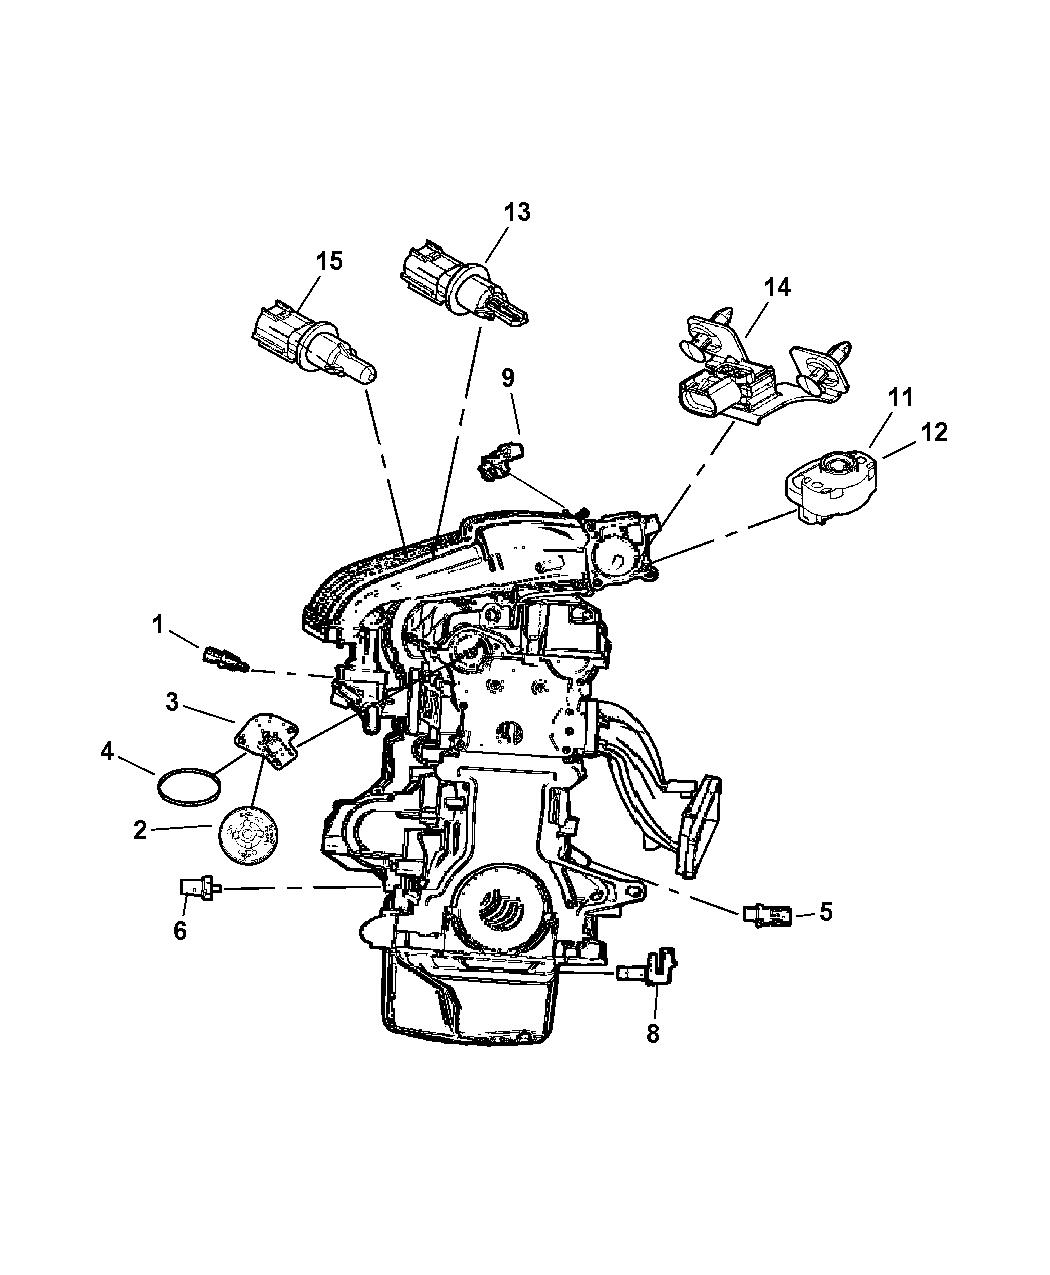 [SCHEMATICS_48YU]  2005 Dodge Neon Sensors - Engine - Mopar Parts Giant | 2005 Dodge Neon Engine Parts Diagram |  | Mopar Parts Giant